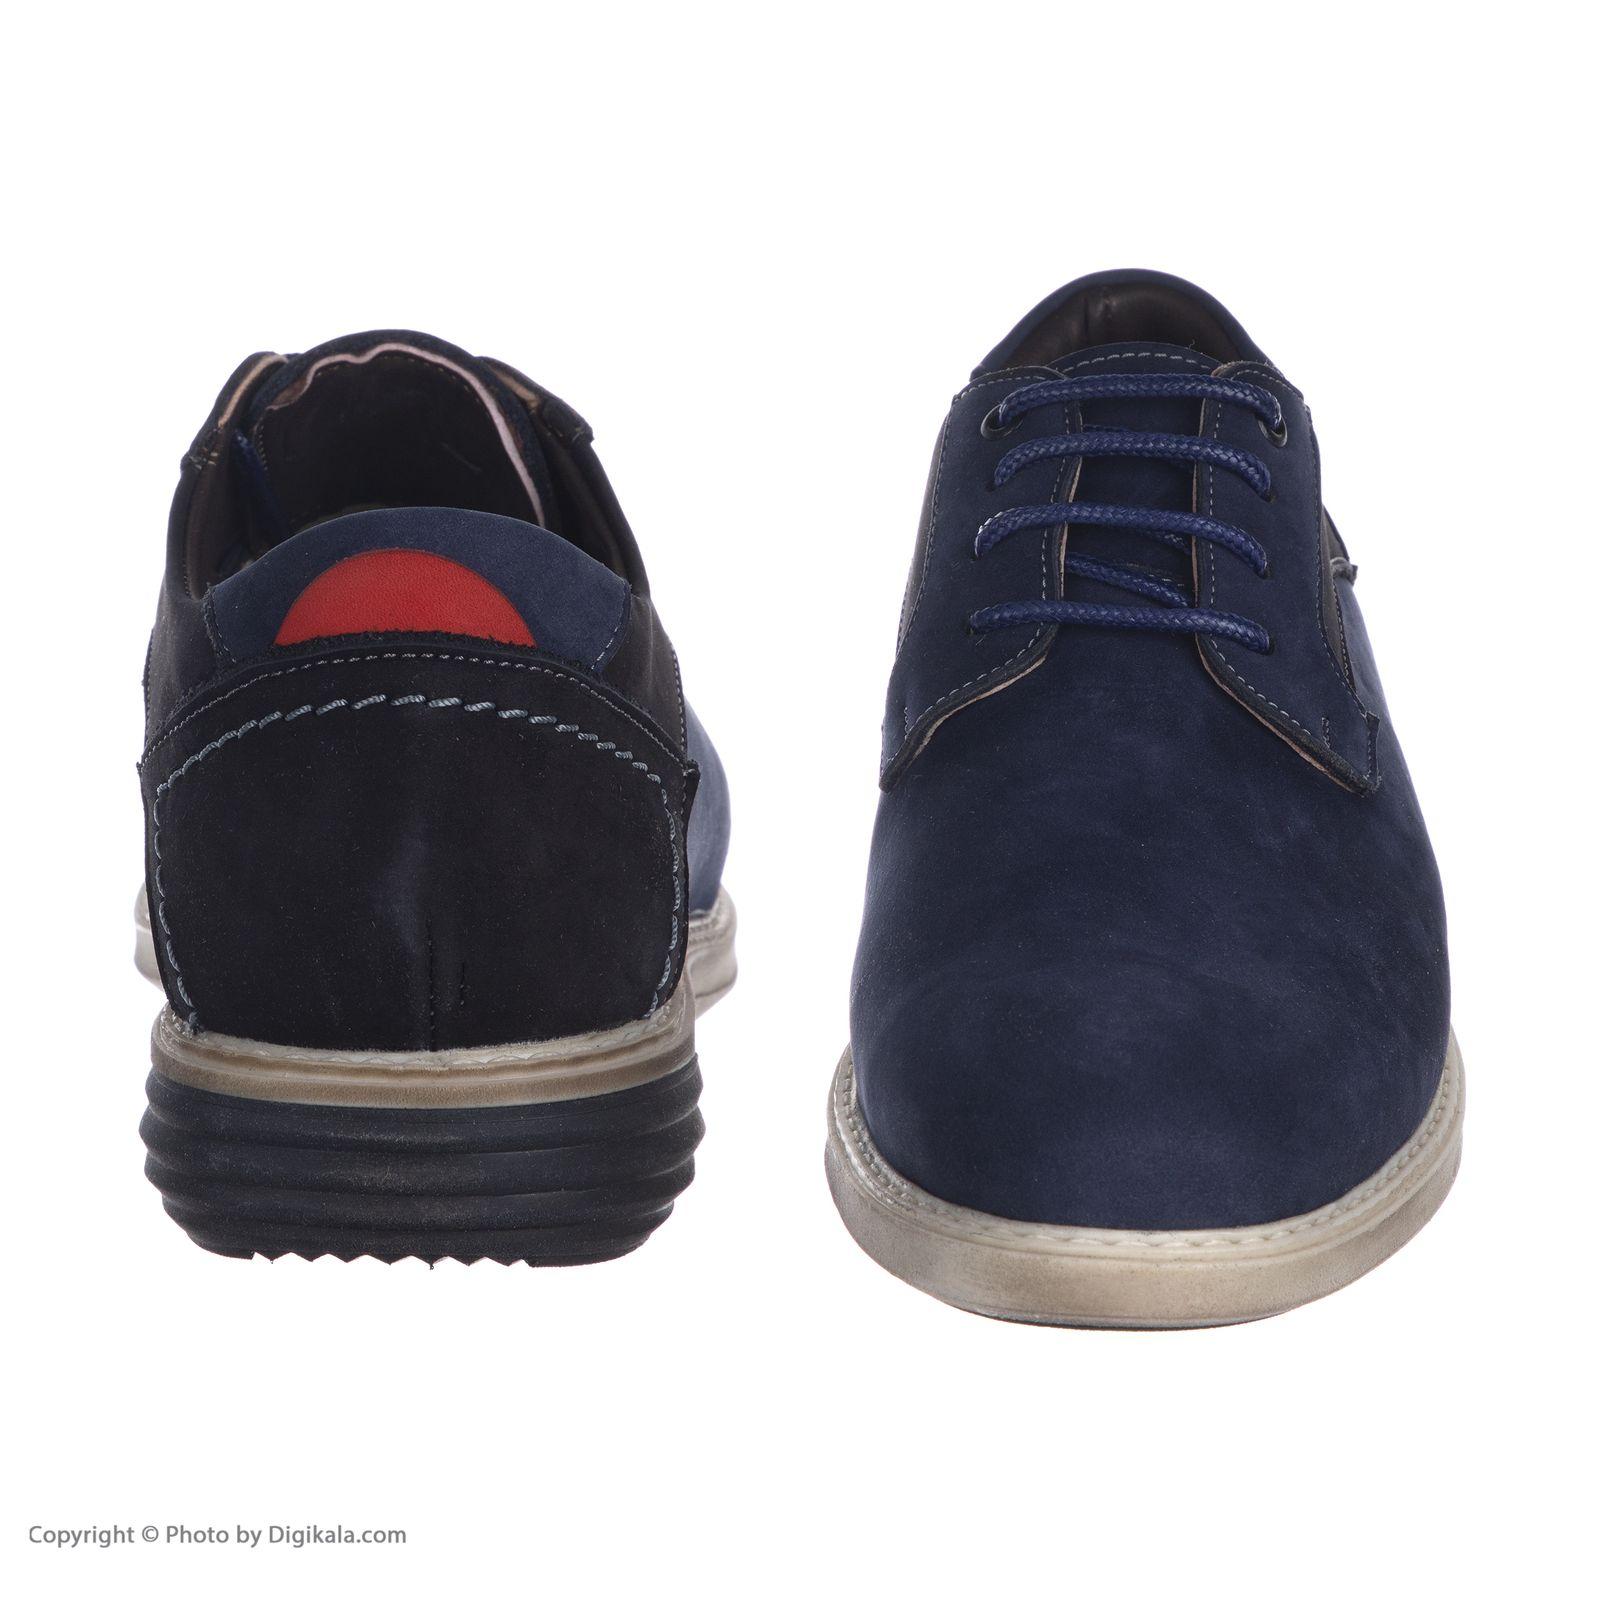 کفش روزمره مردانه دانادل مدل 8612A503103 -  - 2